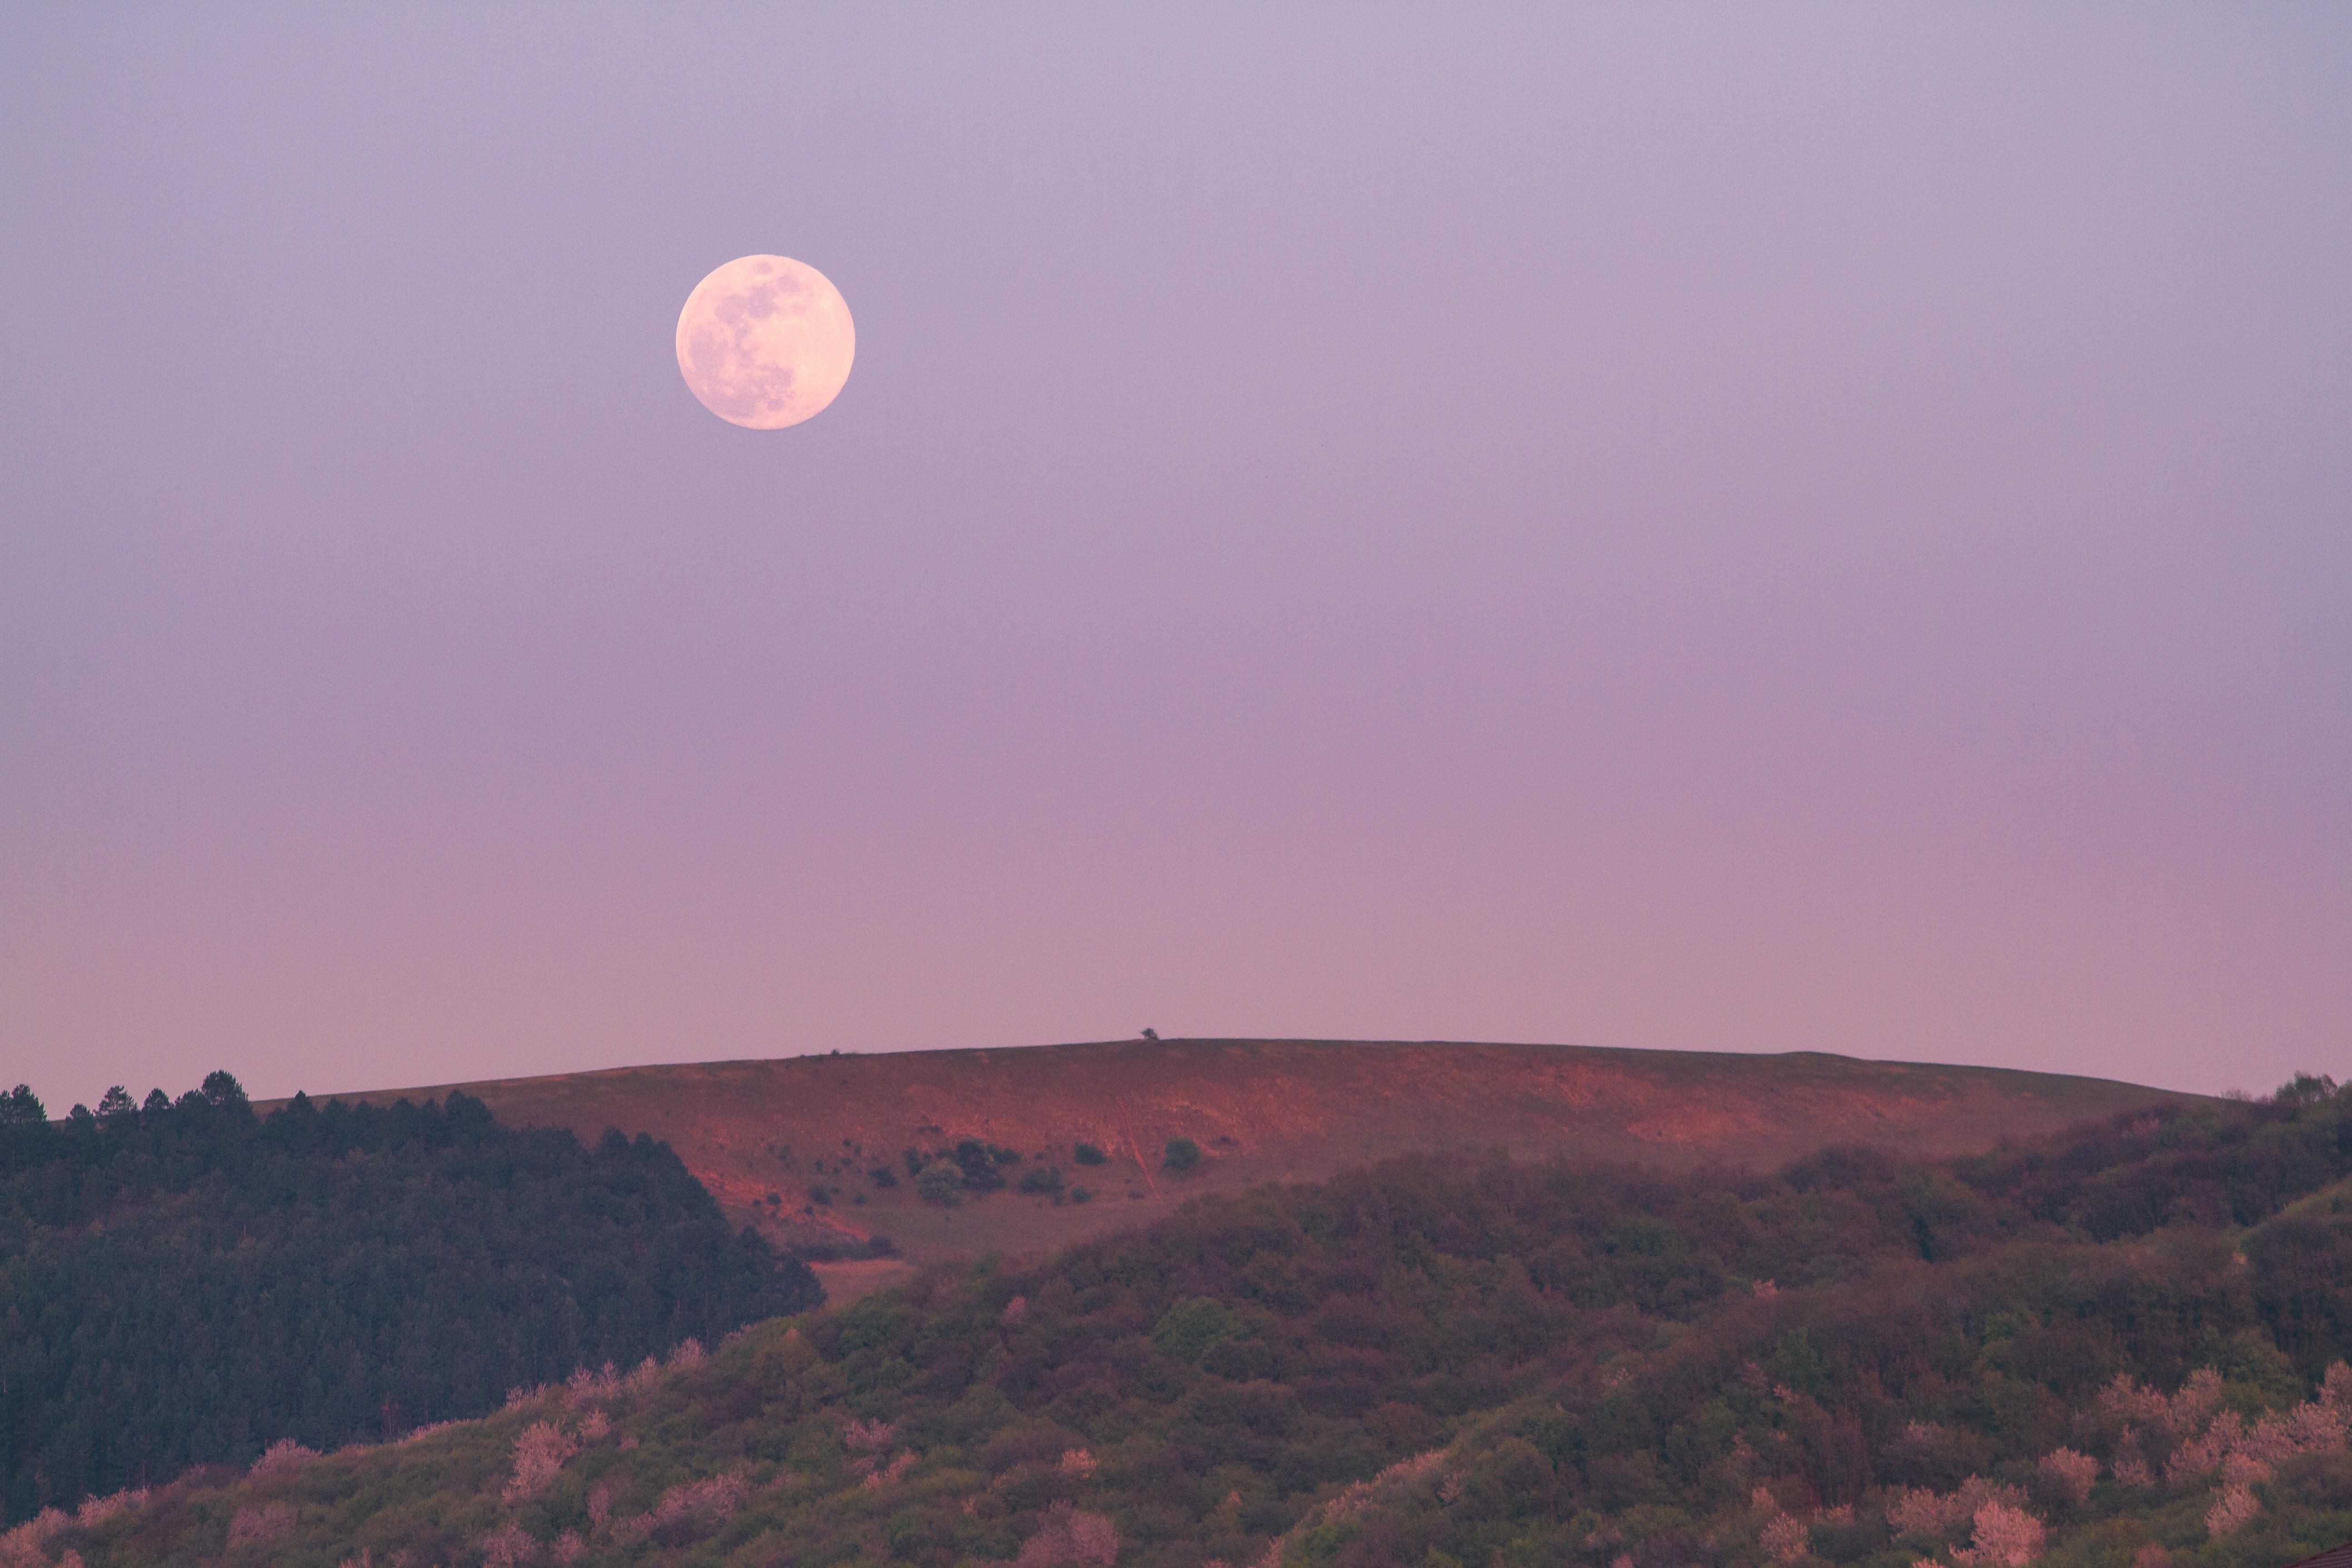 Heuvellandschap met de maan die aan de hemel staat.